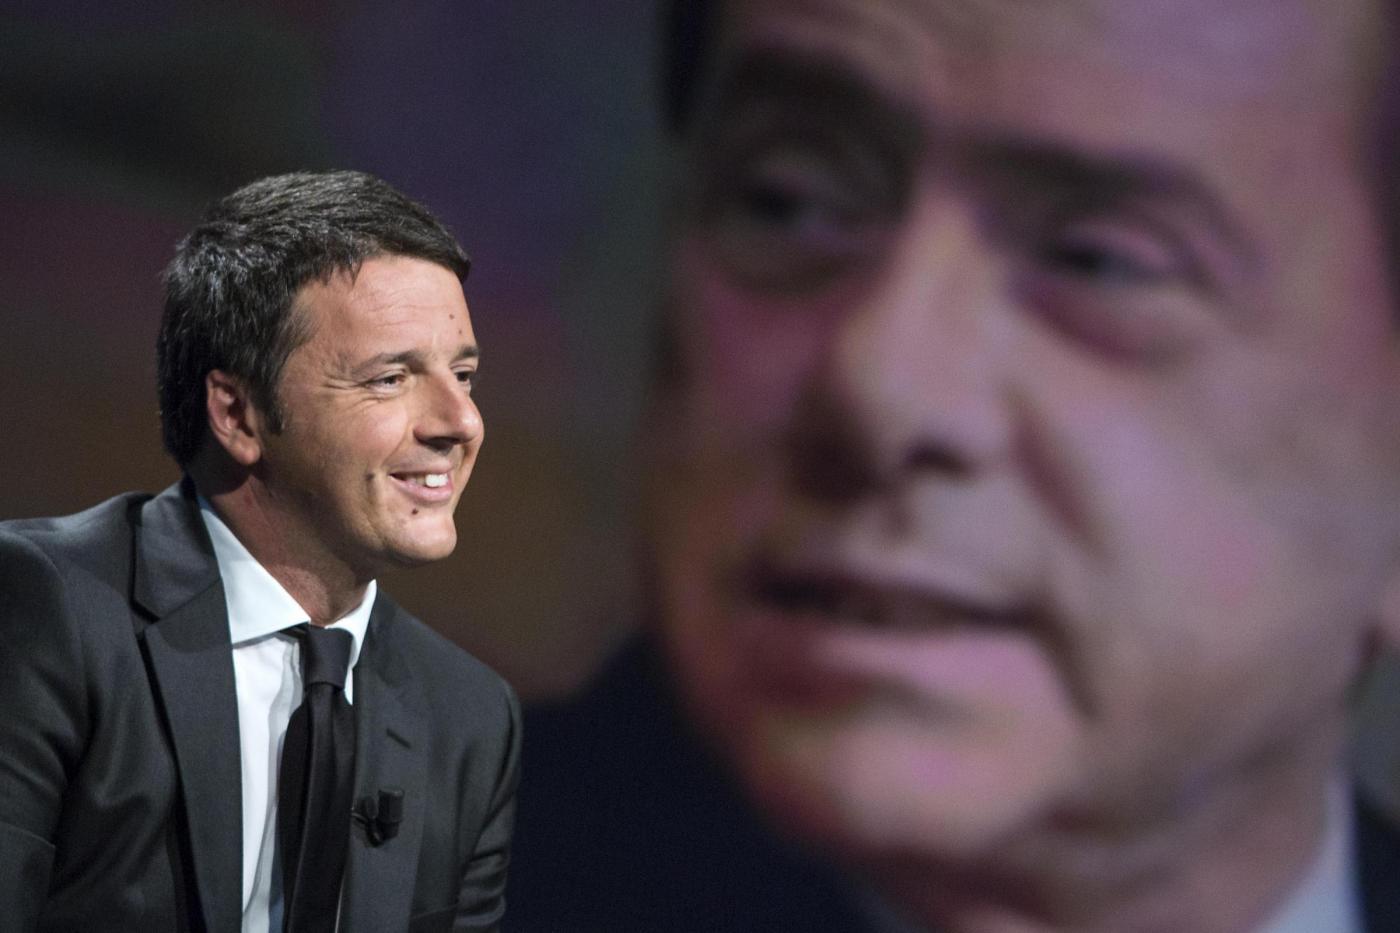 Legge elettorale, Renzi avvisa Berlusconi: 'Il Patto del Nazareno scricchiola'